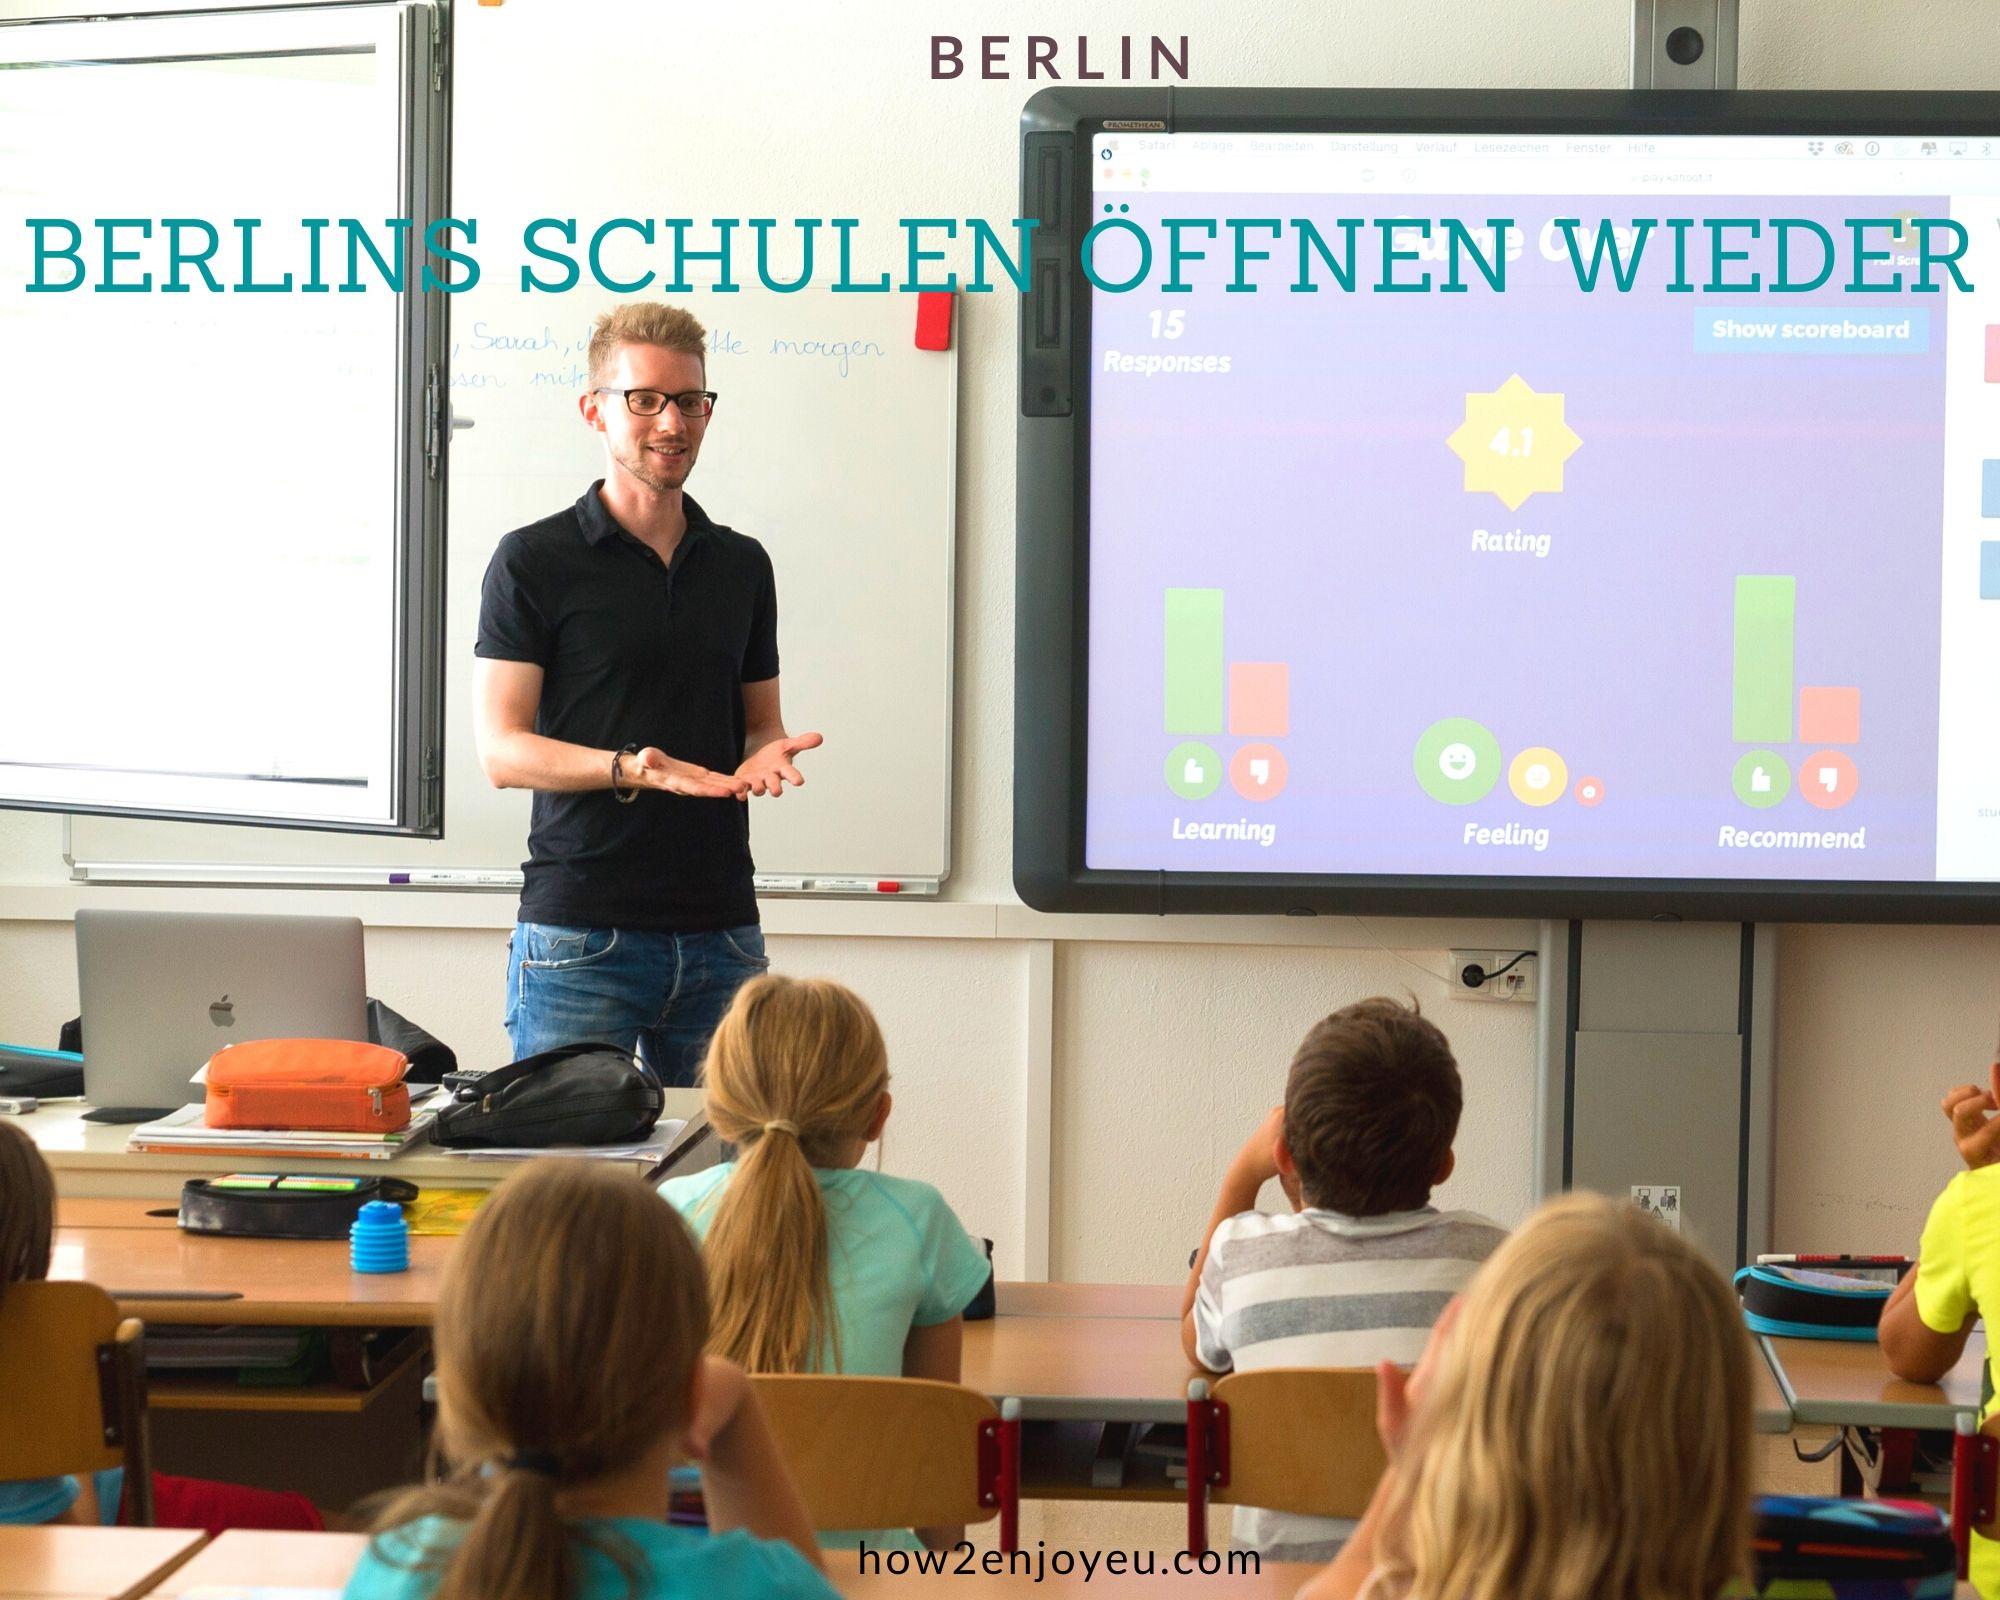 コロナ休校延長、でも5月初旬から徐々に学校再開の予定のベルリン